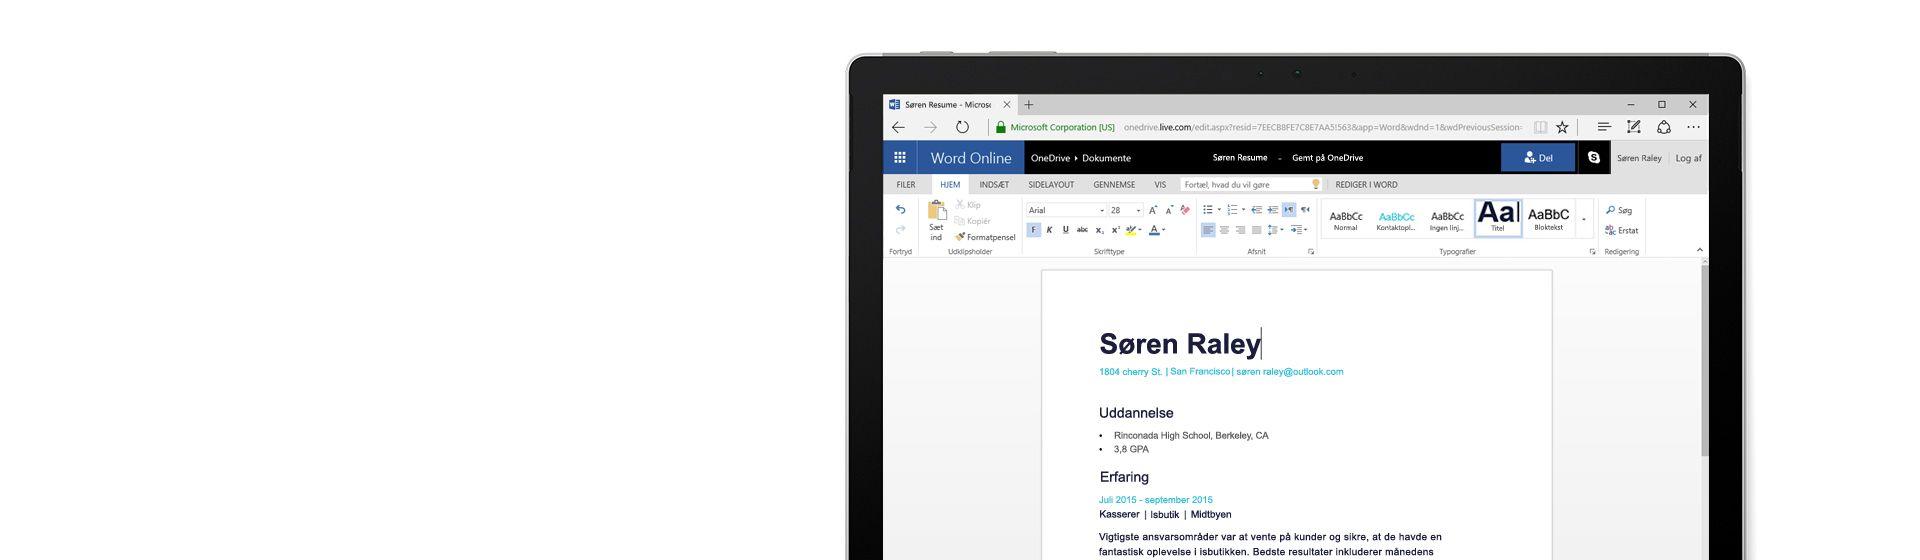 En computerskærm, der viser et CV, som oprettes i Word Online